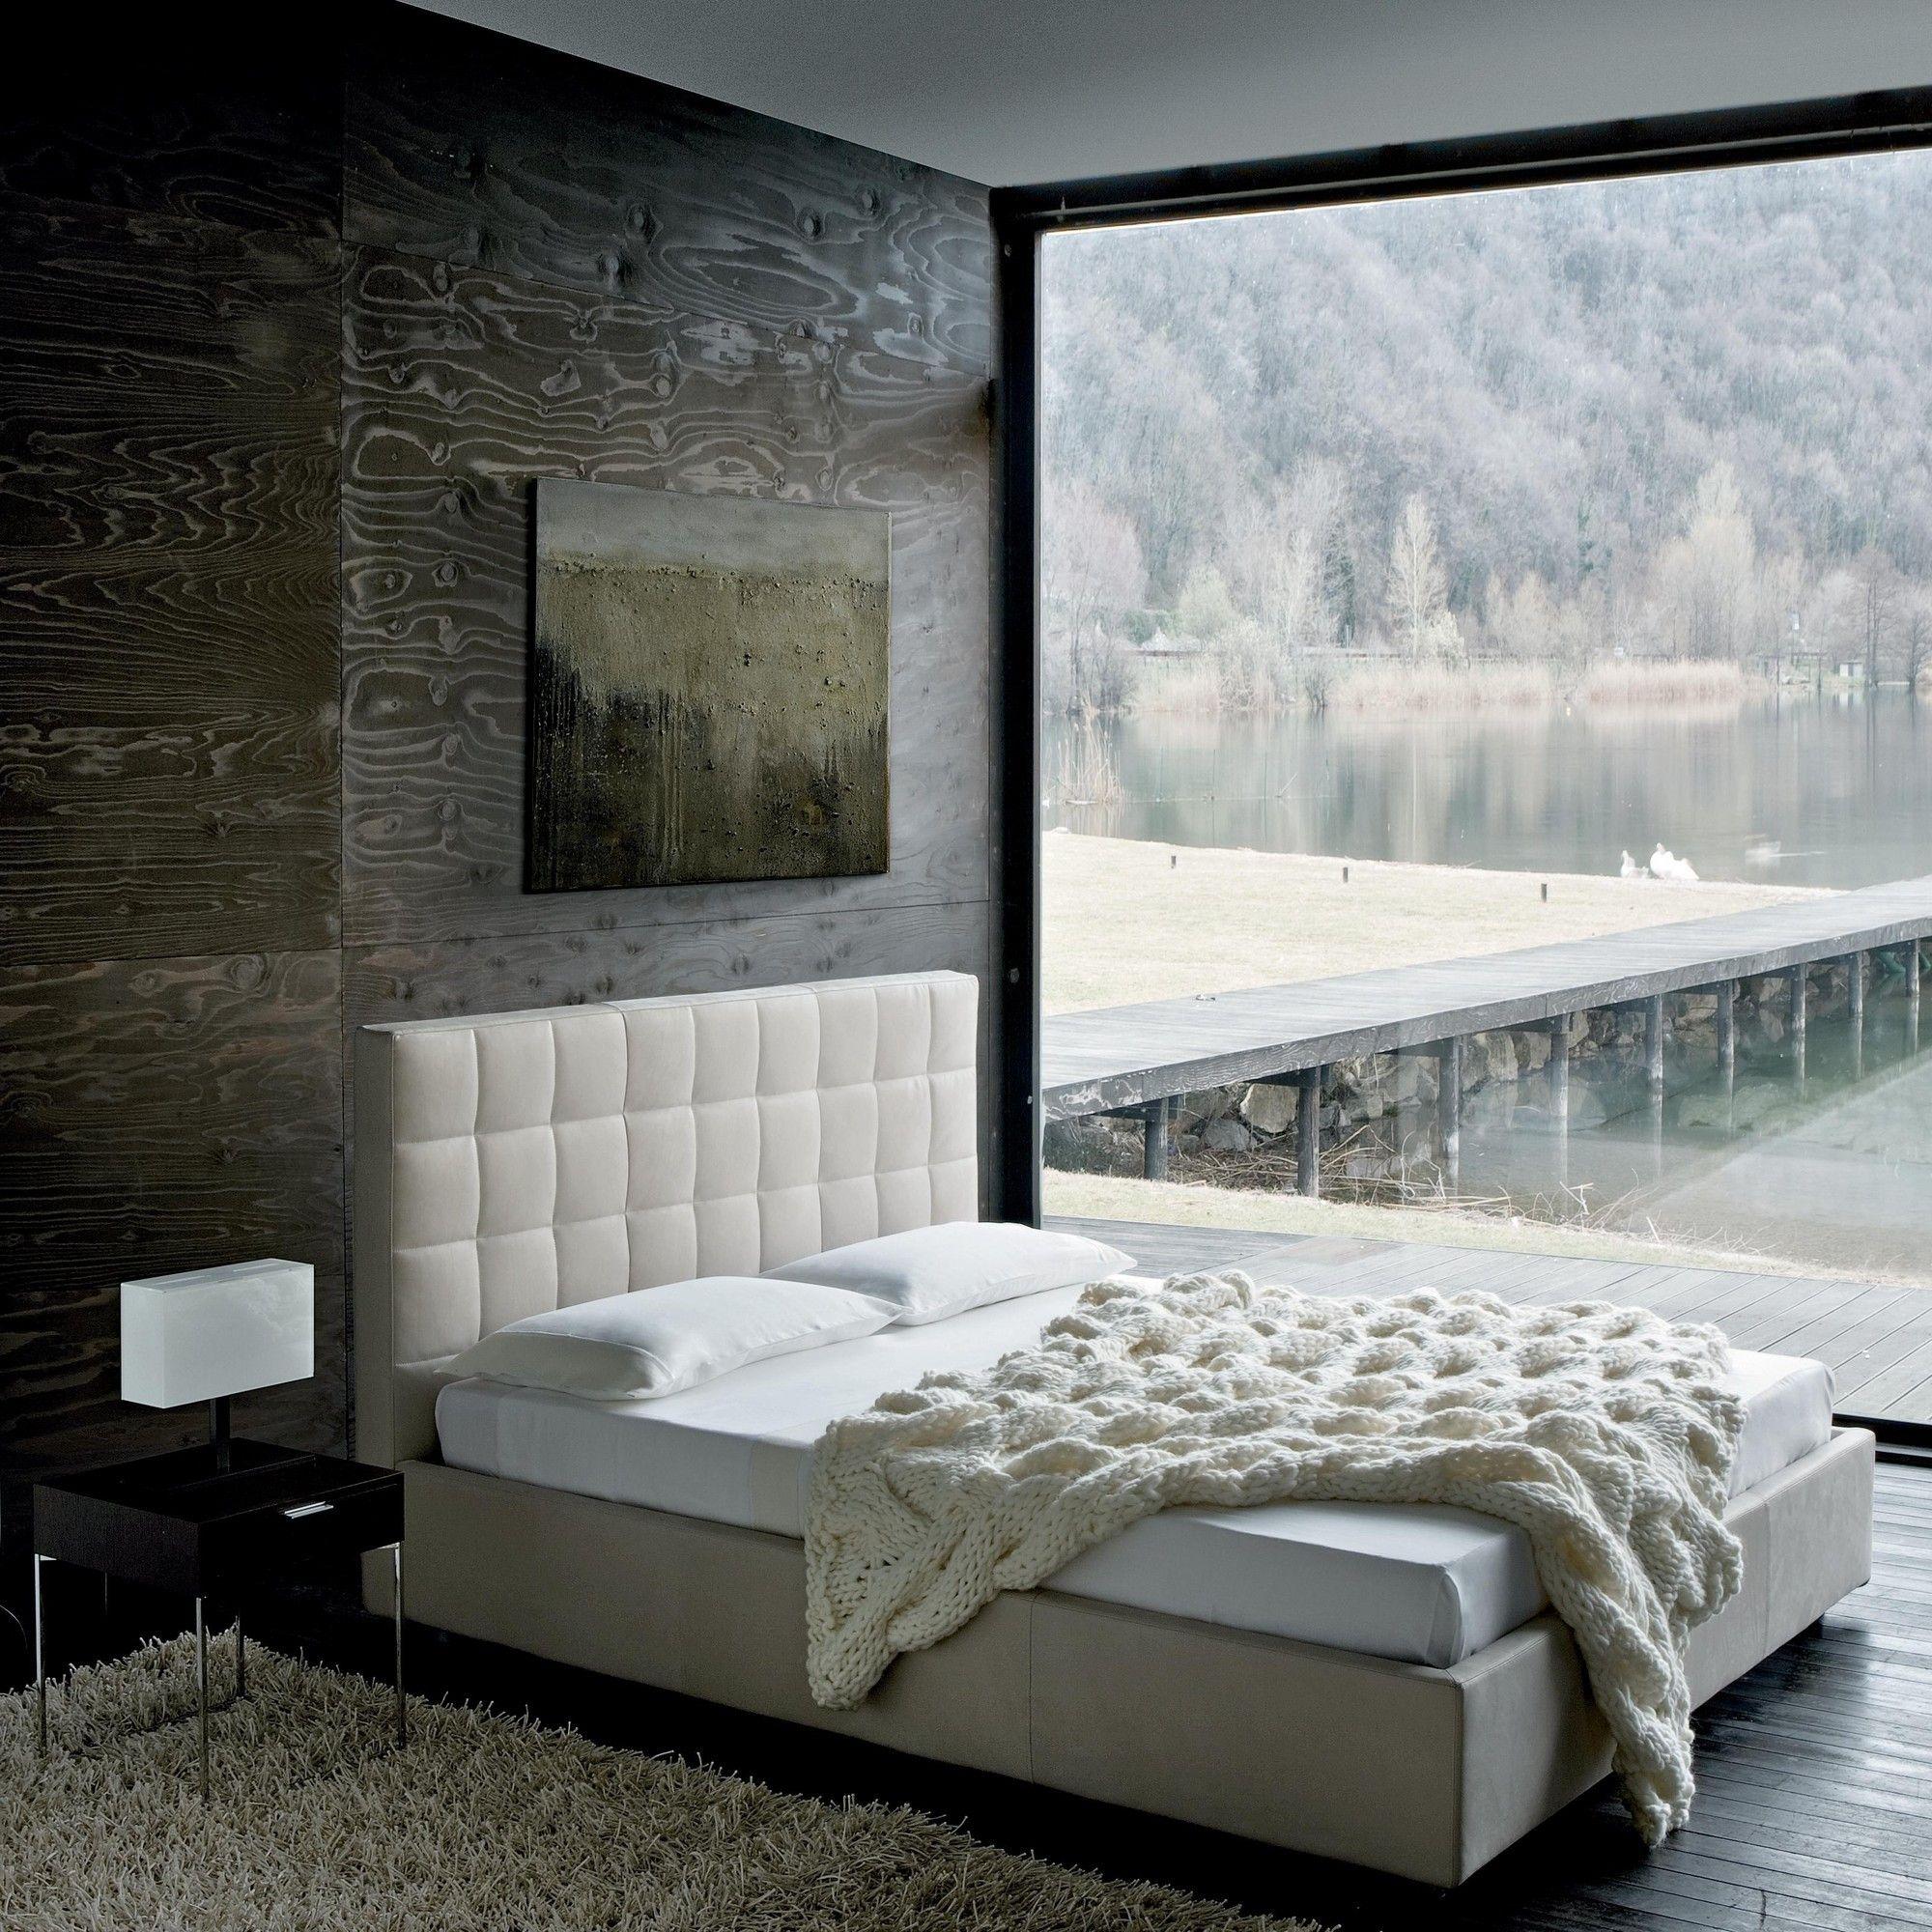 Zanotta Overbox Doppelbett mit Bettkasten AmbienteDirect